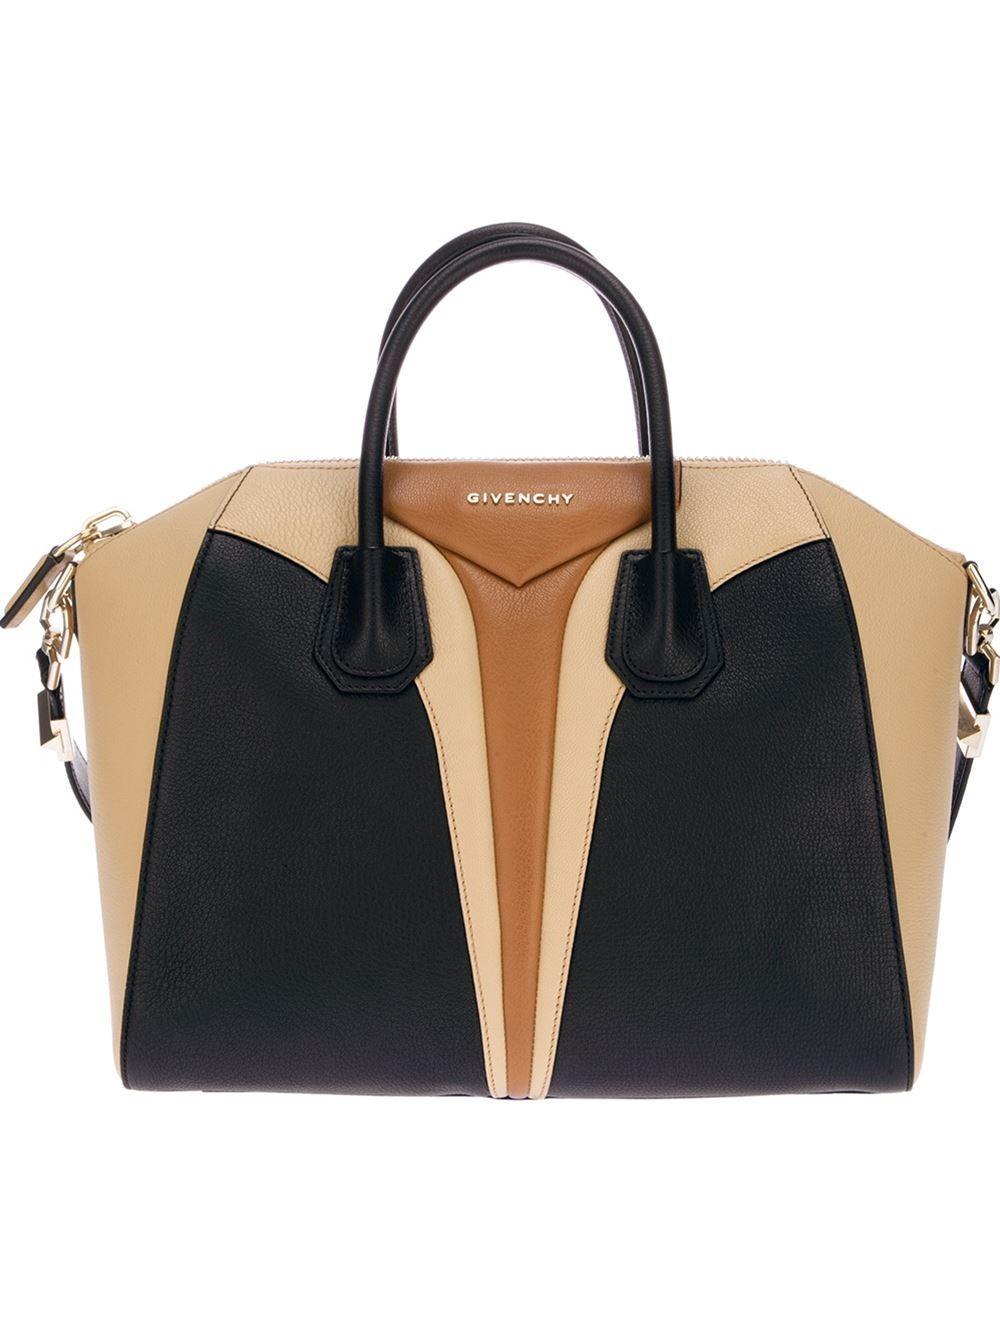 Givenchy 'antigona' Structured Tote - - Farfetch.com